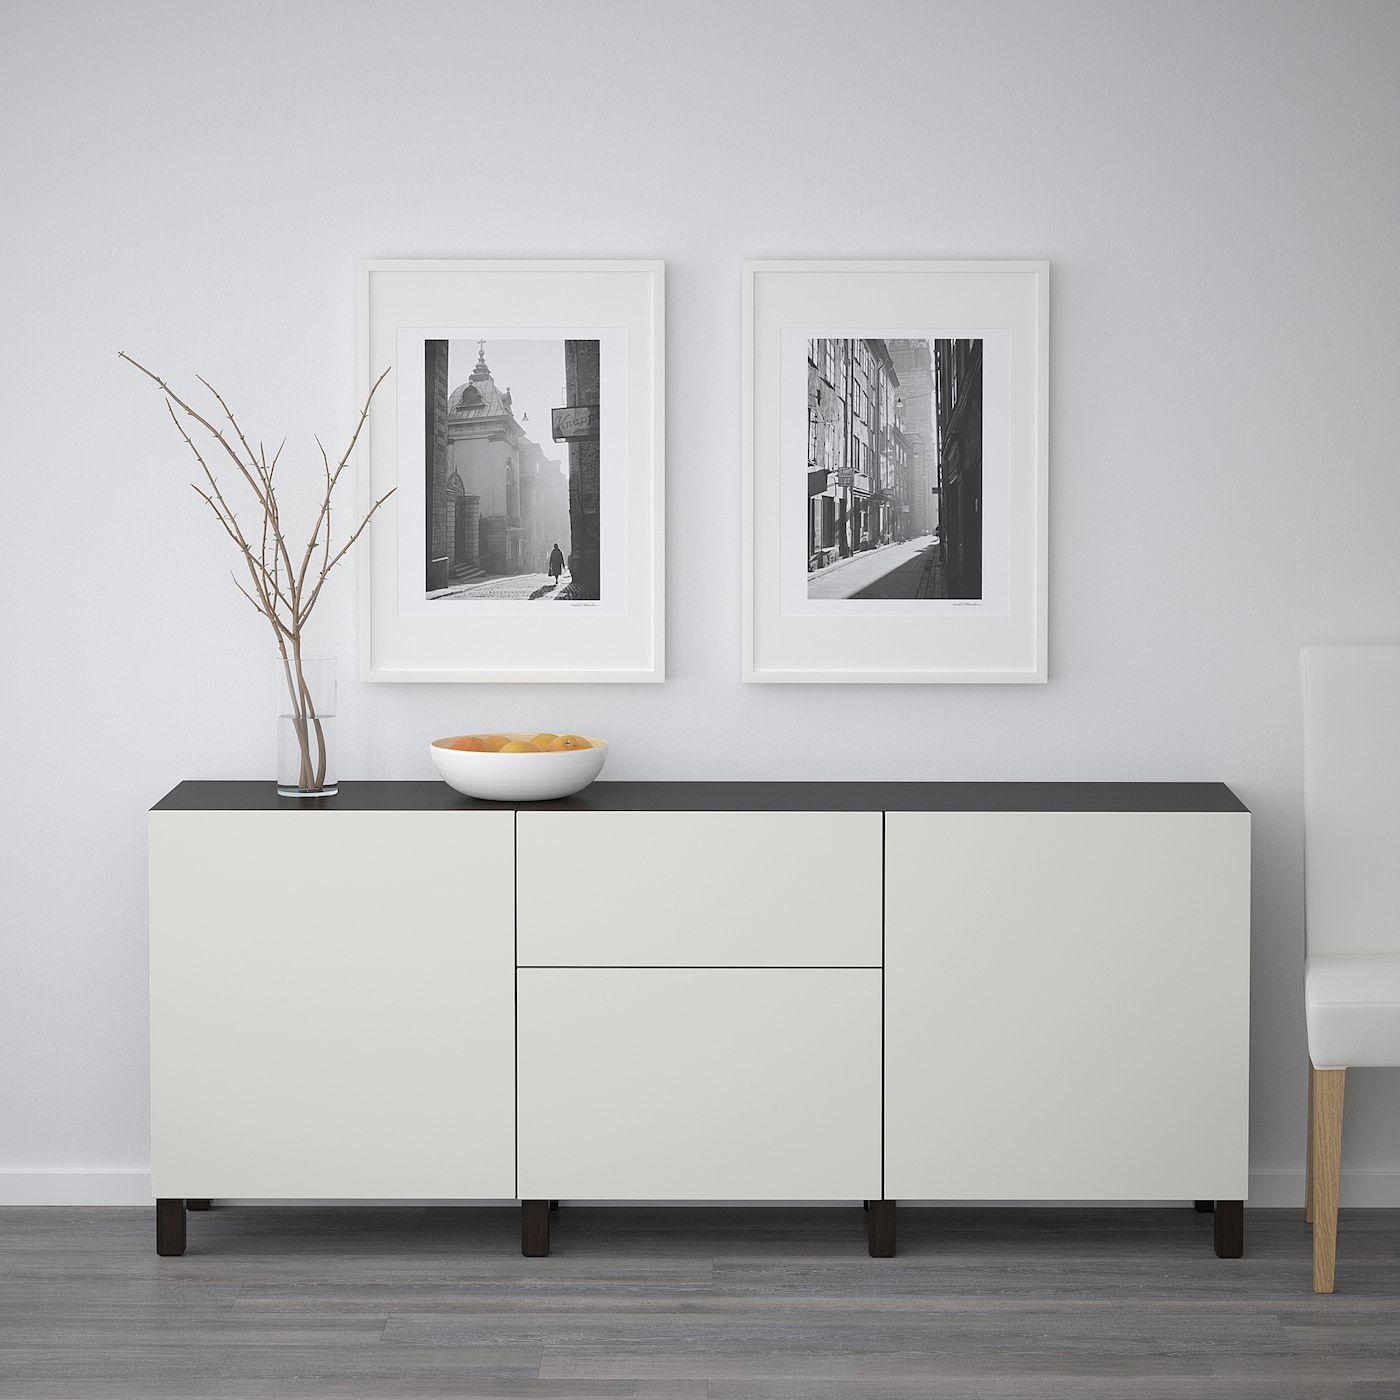 Ikea Best Aring Aufbewahrung Mit Schubladen Schwarzbraun Lappviken Hellgrau In 2020 Schubladen Ikea Zimmereinrichtung